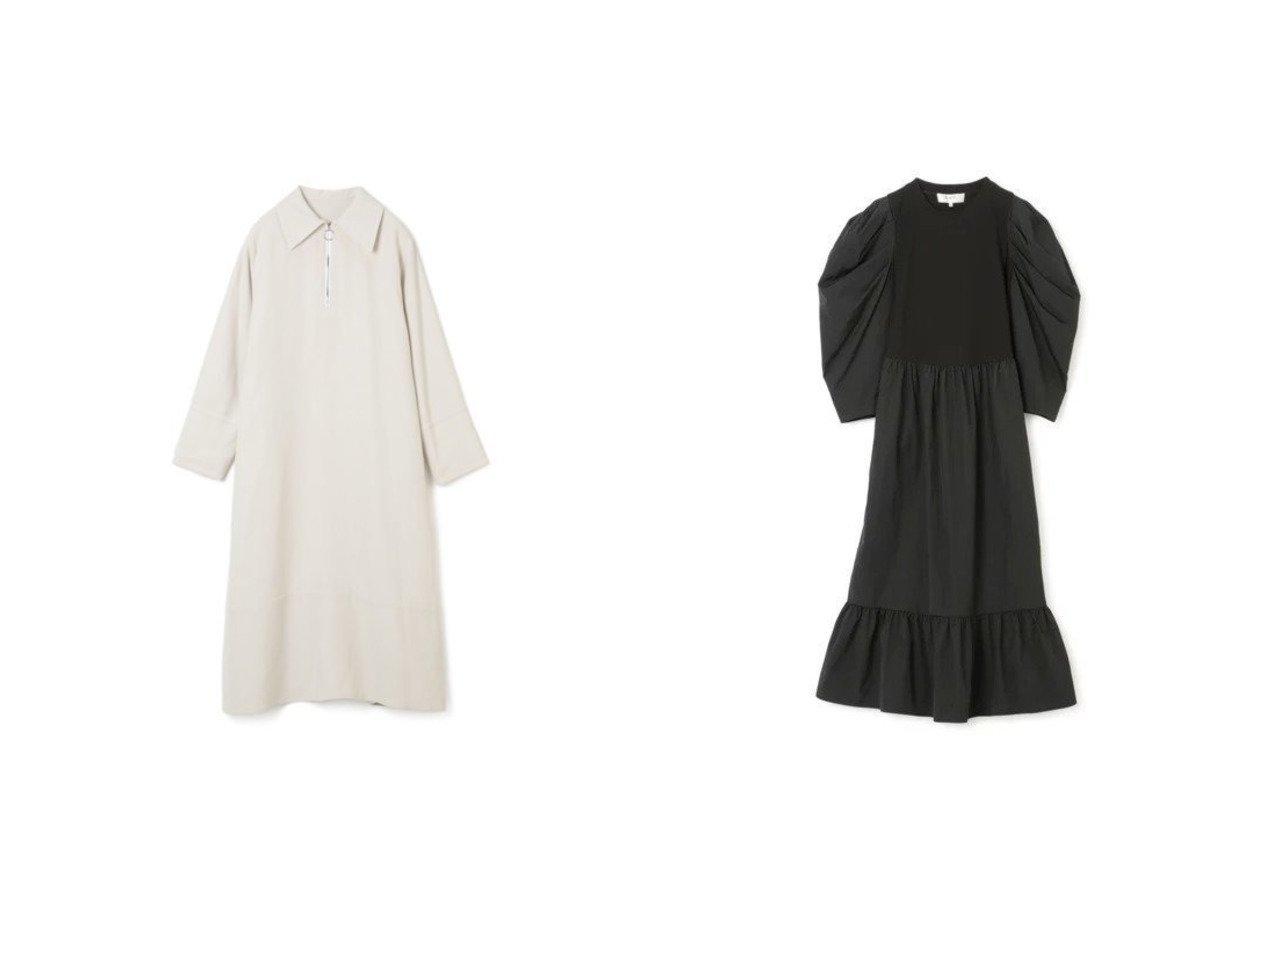 【LE CIEL BLEU/ルシェル ブルー】のMaxi Shirt ワンピース&【Sea NEW YORK/シー ニューヨーク】のNADJA TAFFETA COMBI MIDI DRESS ワンピース・ドレスのおすすめ!人気、トレンド・レディースファッションの通販 おすすめで人気の流行・トレンド、ファッションの通販商品 メンズファッション・キッズファッション・インテリア・家具・レディースファッション・服の通販 founy(ファニー) https://founy.com/ ファッション Fashion レディースファッション WOMEN ワンピース Dress ドレス Party Dresses カフス ビッグ モダン 人気 長袖 2021年 2021 2021 春夏 S/S SS Spring/Summer 2021 S/S 春夏 SS Spring/Summer コンビ ジャージー スリーブ タフタ ドレス フォーマル フリル  ID:crp329100000014774